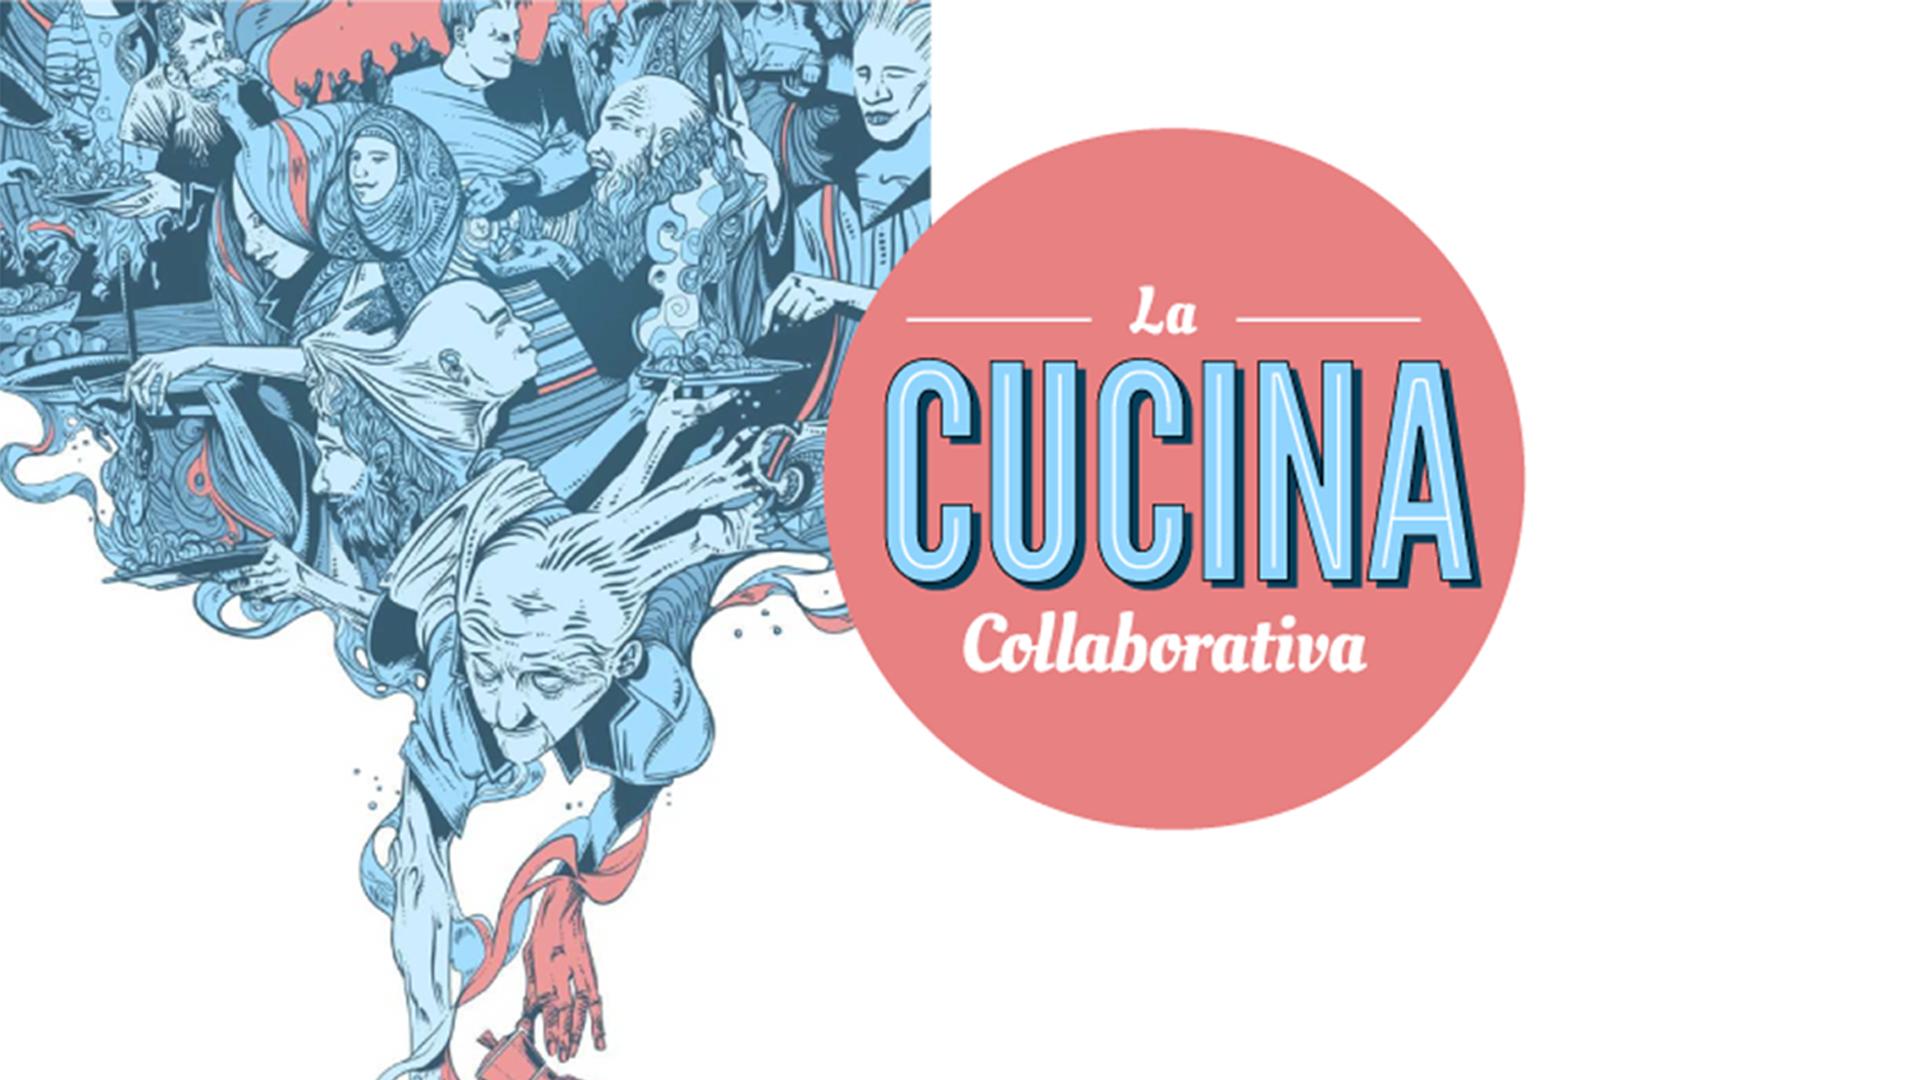 """Parte la """"La Cucina Collaborativa"""", un progetto di co-design comunitario sul sistema di donazione del cibo"""